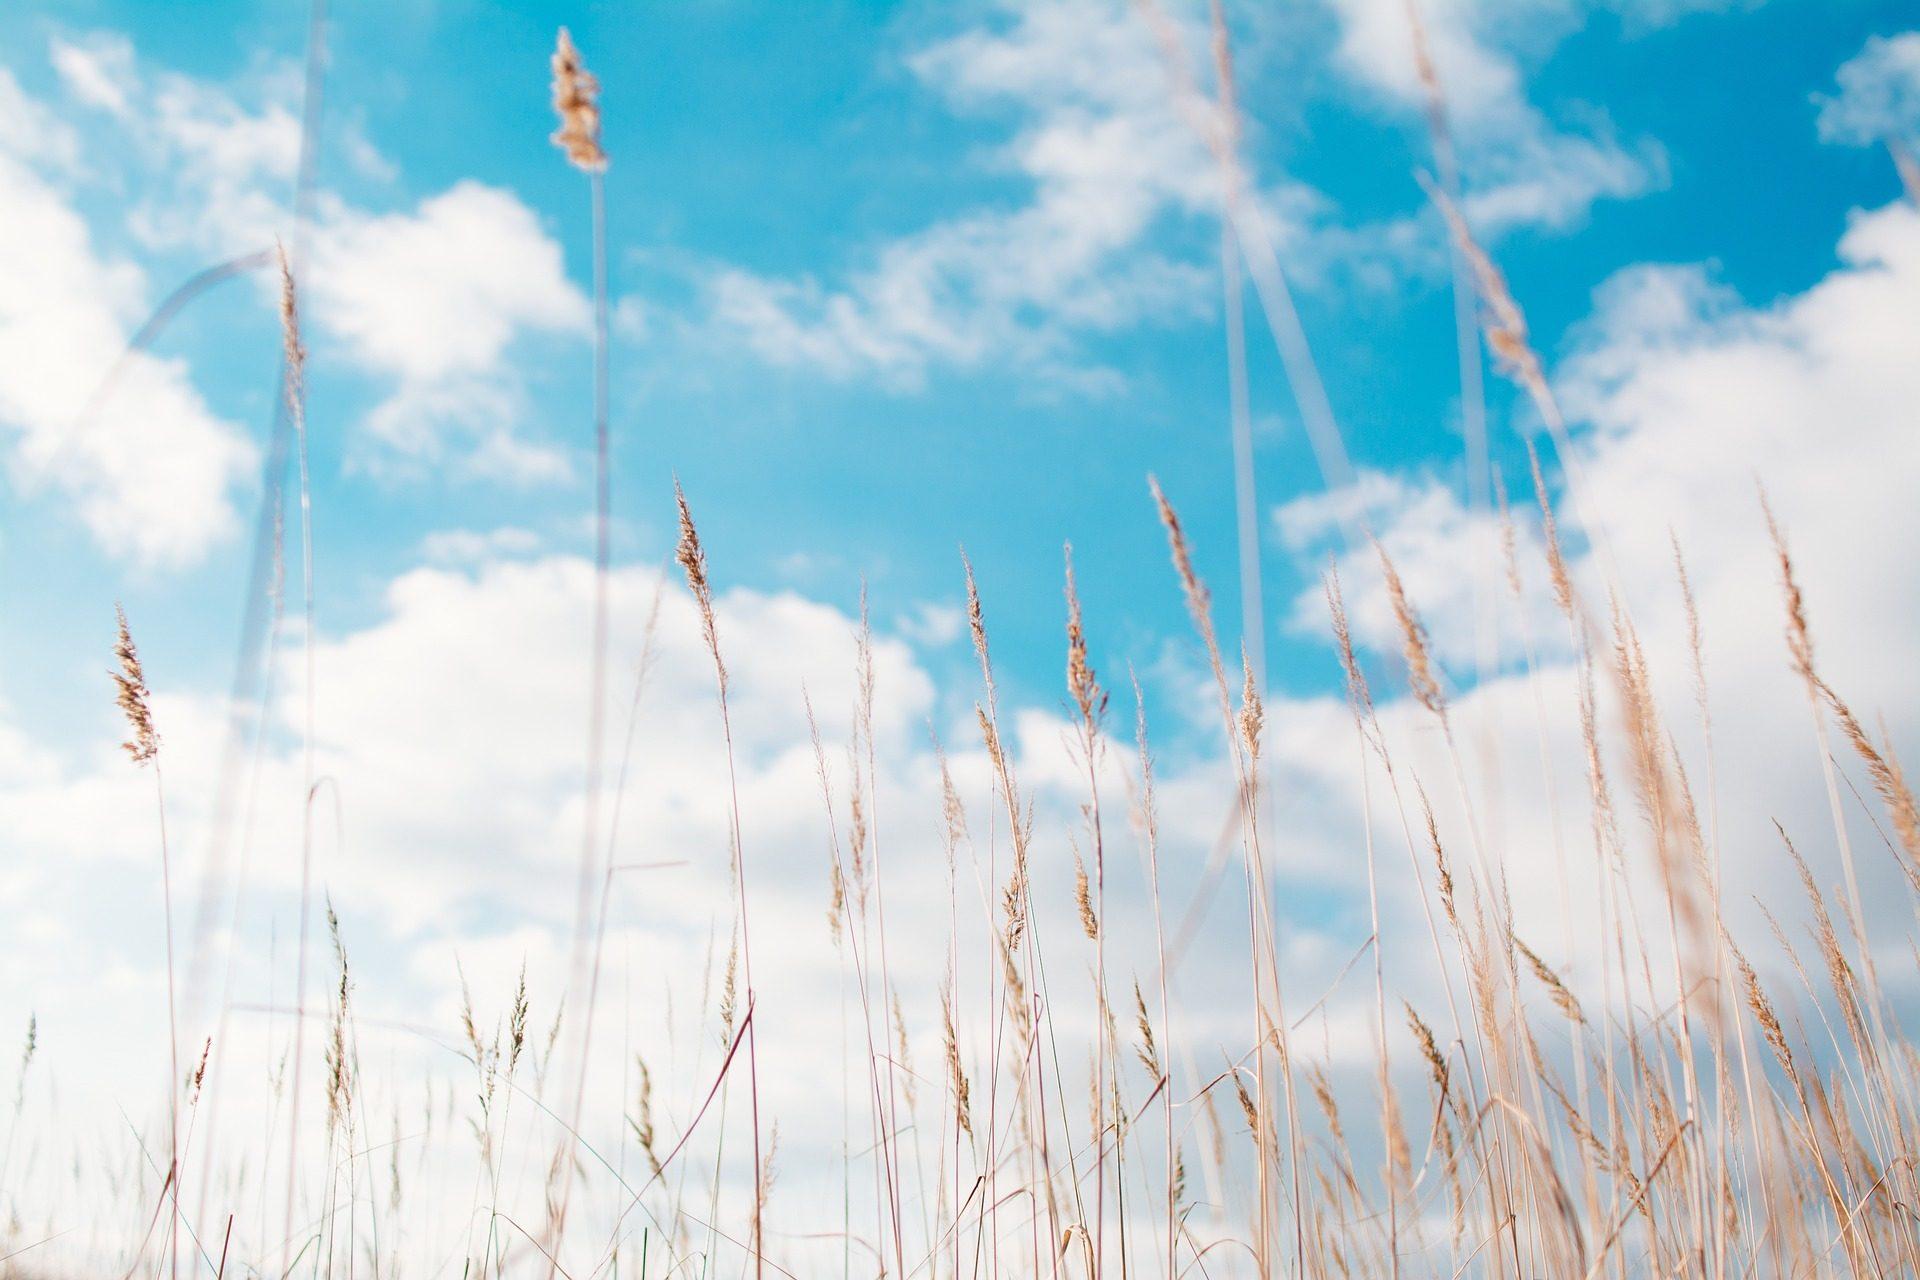 domaine, Vegetación, crampons, Sky, nuages, se détendre - Fonds d'écran HD - Professor-falken.com